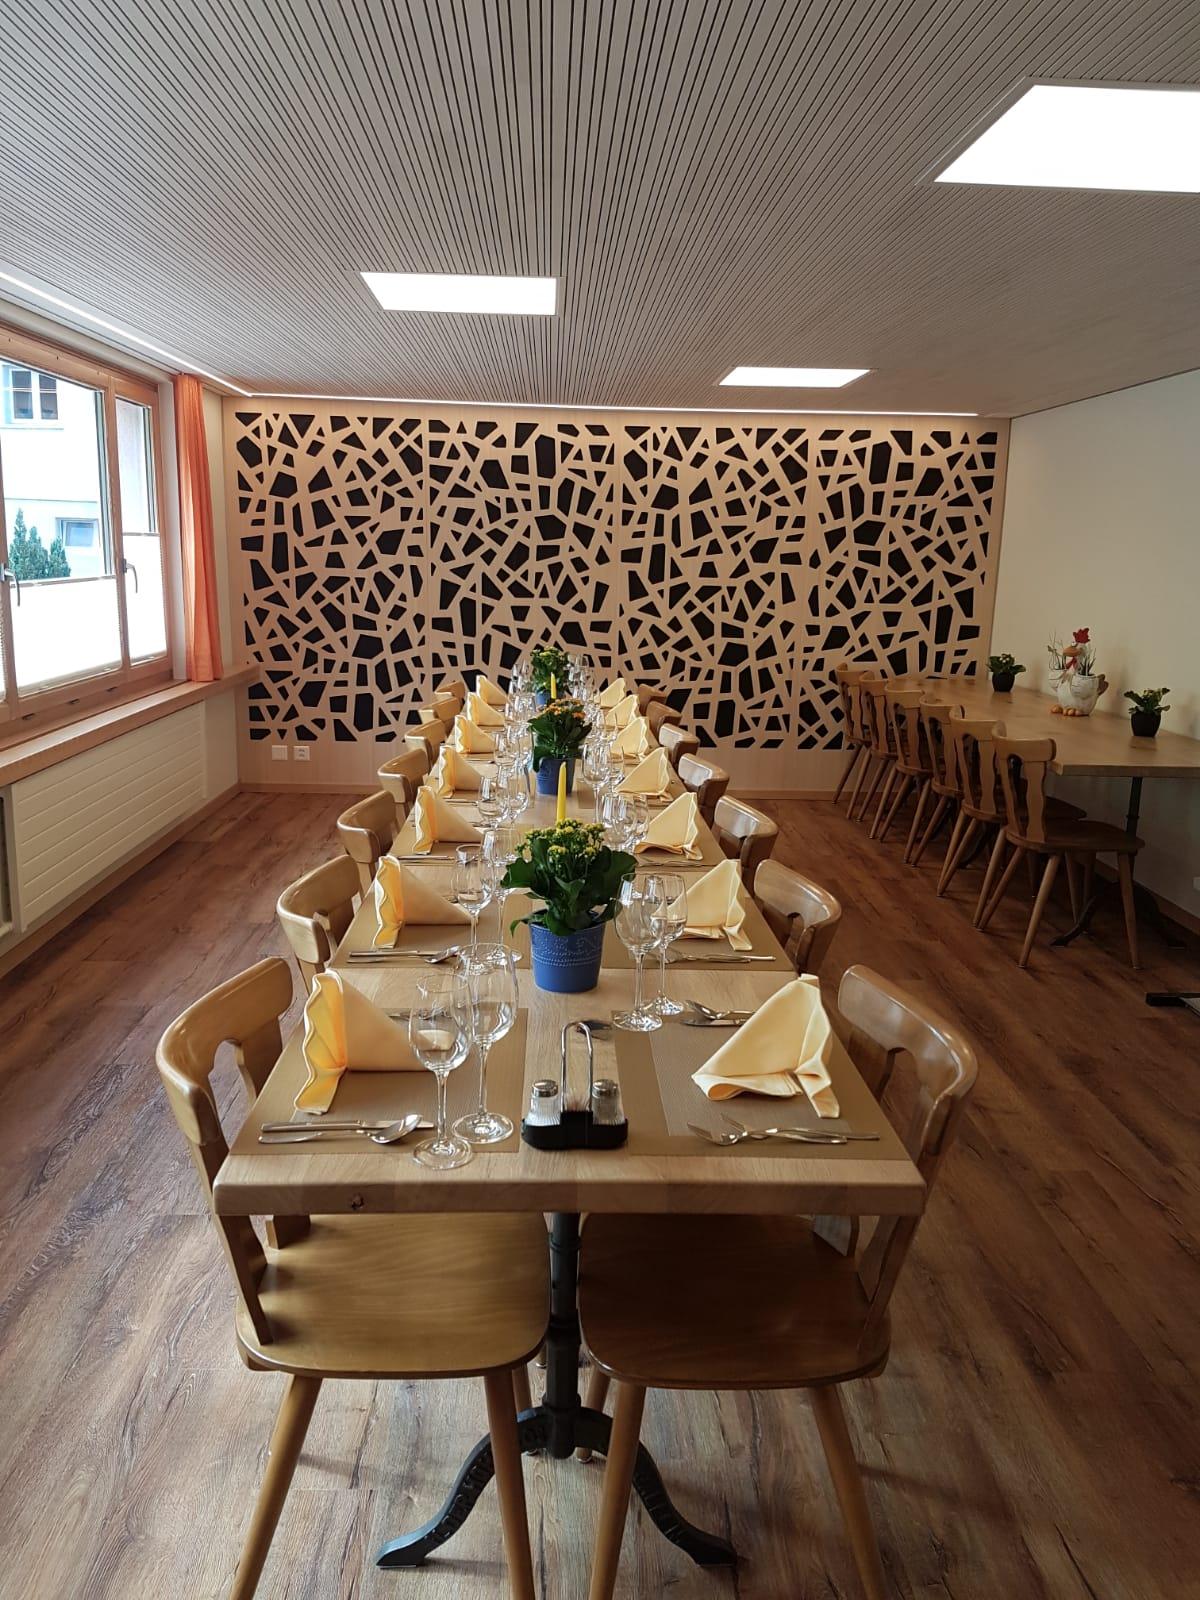 Saalsanierung und neue Tische Restaurant Hohe Lust